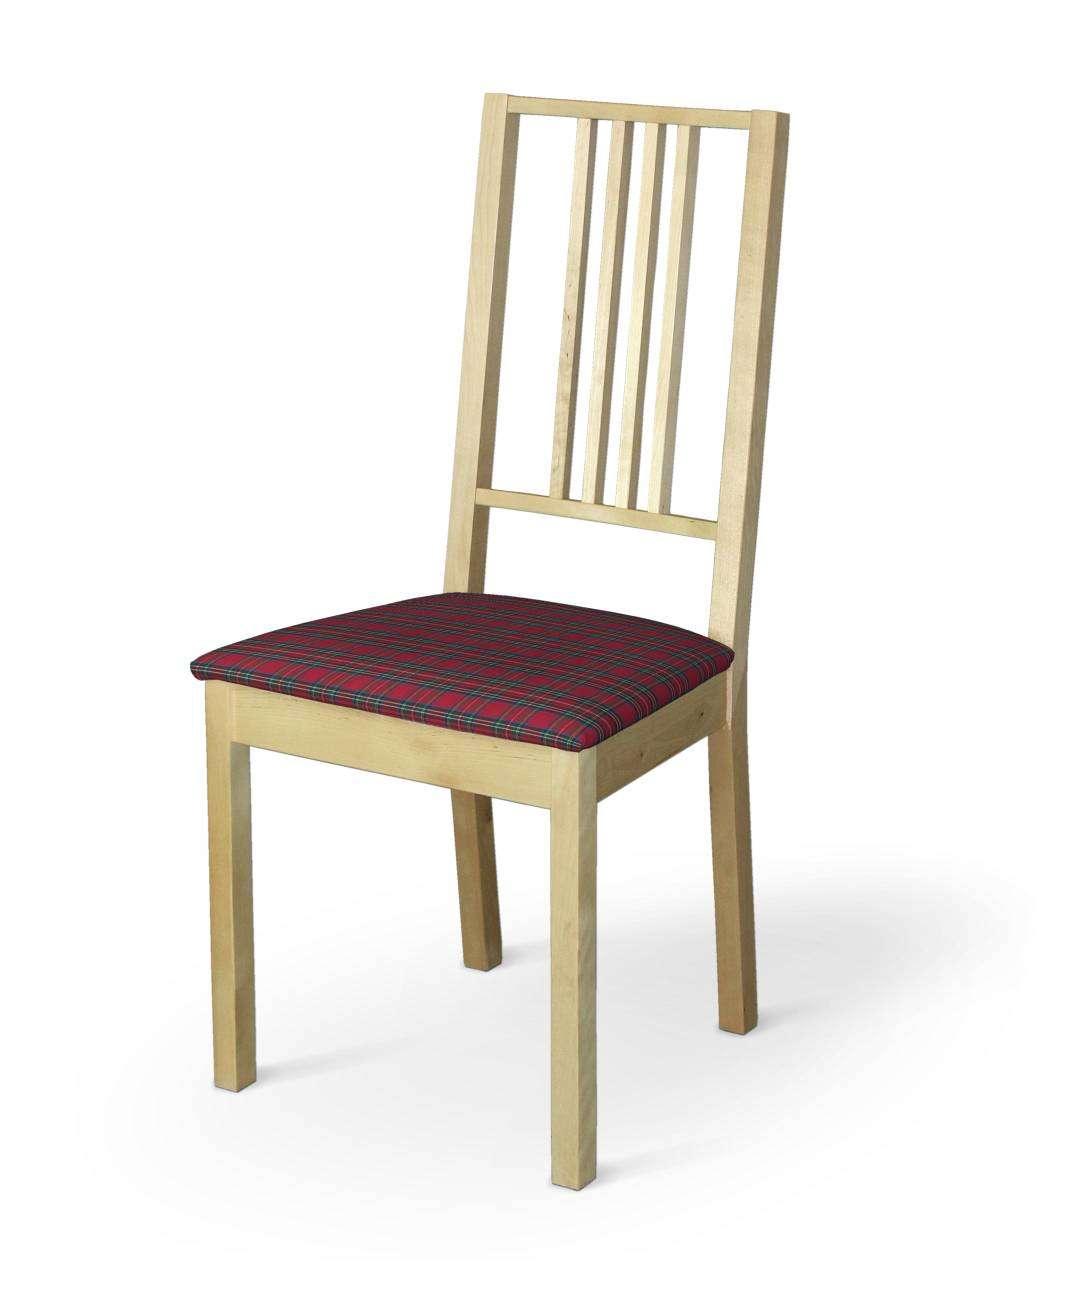 Börje kėdės užvalkalas Börje kėdės užvalkalas kolekcijoje Bristol, audinys: 126-29